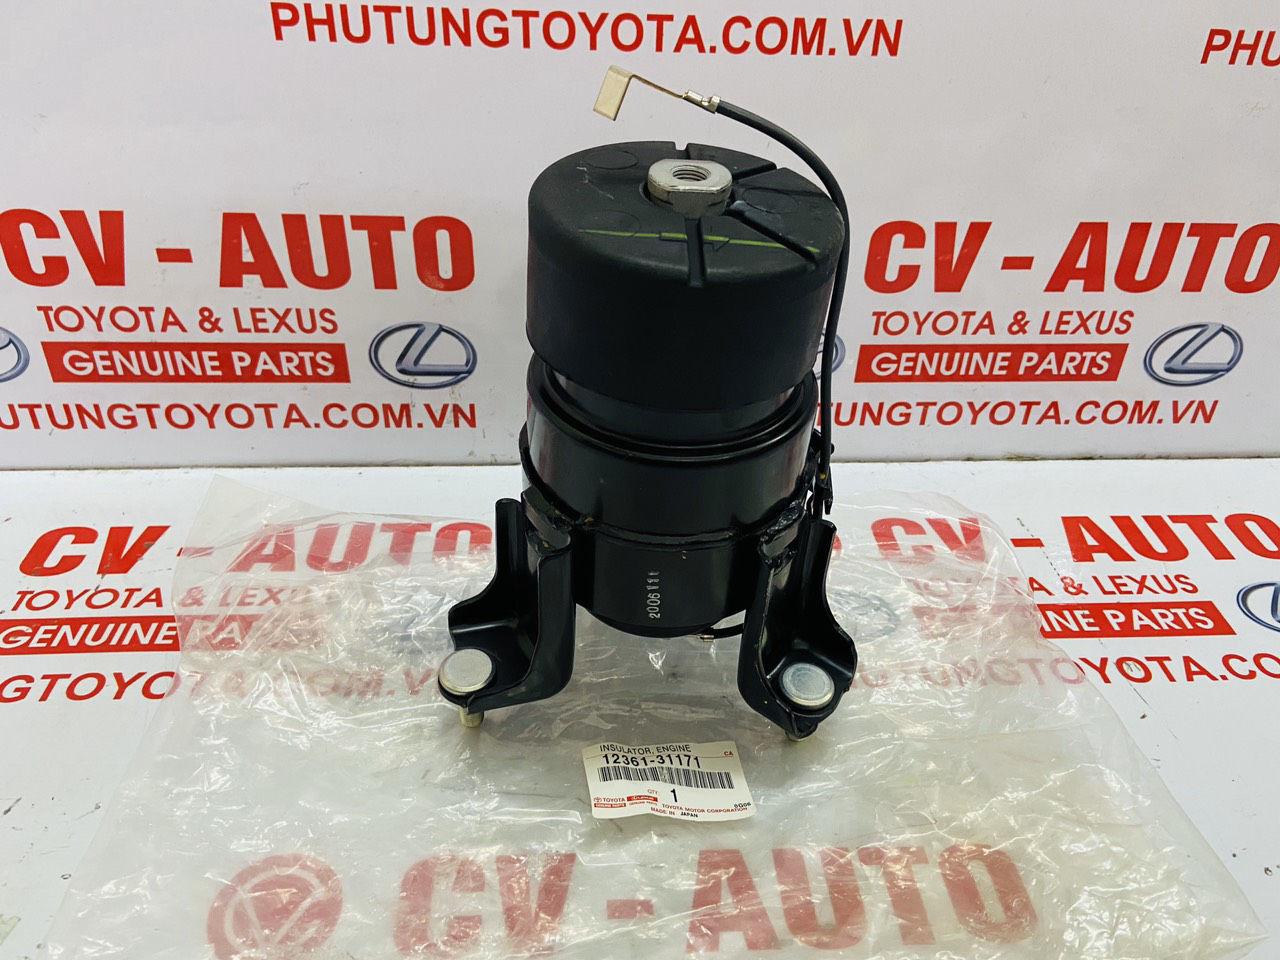 Picture of 12361-31171, 1236131171 Chân máy Toyota Camry 3.5, ES350 chính hãng